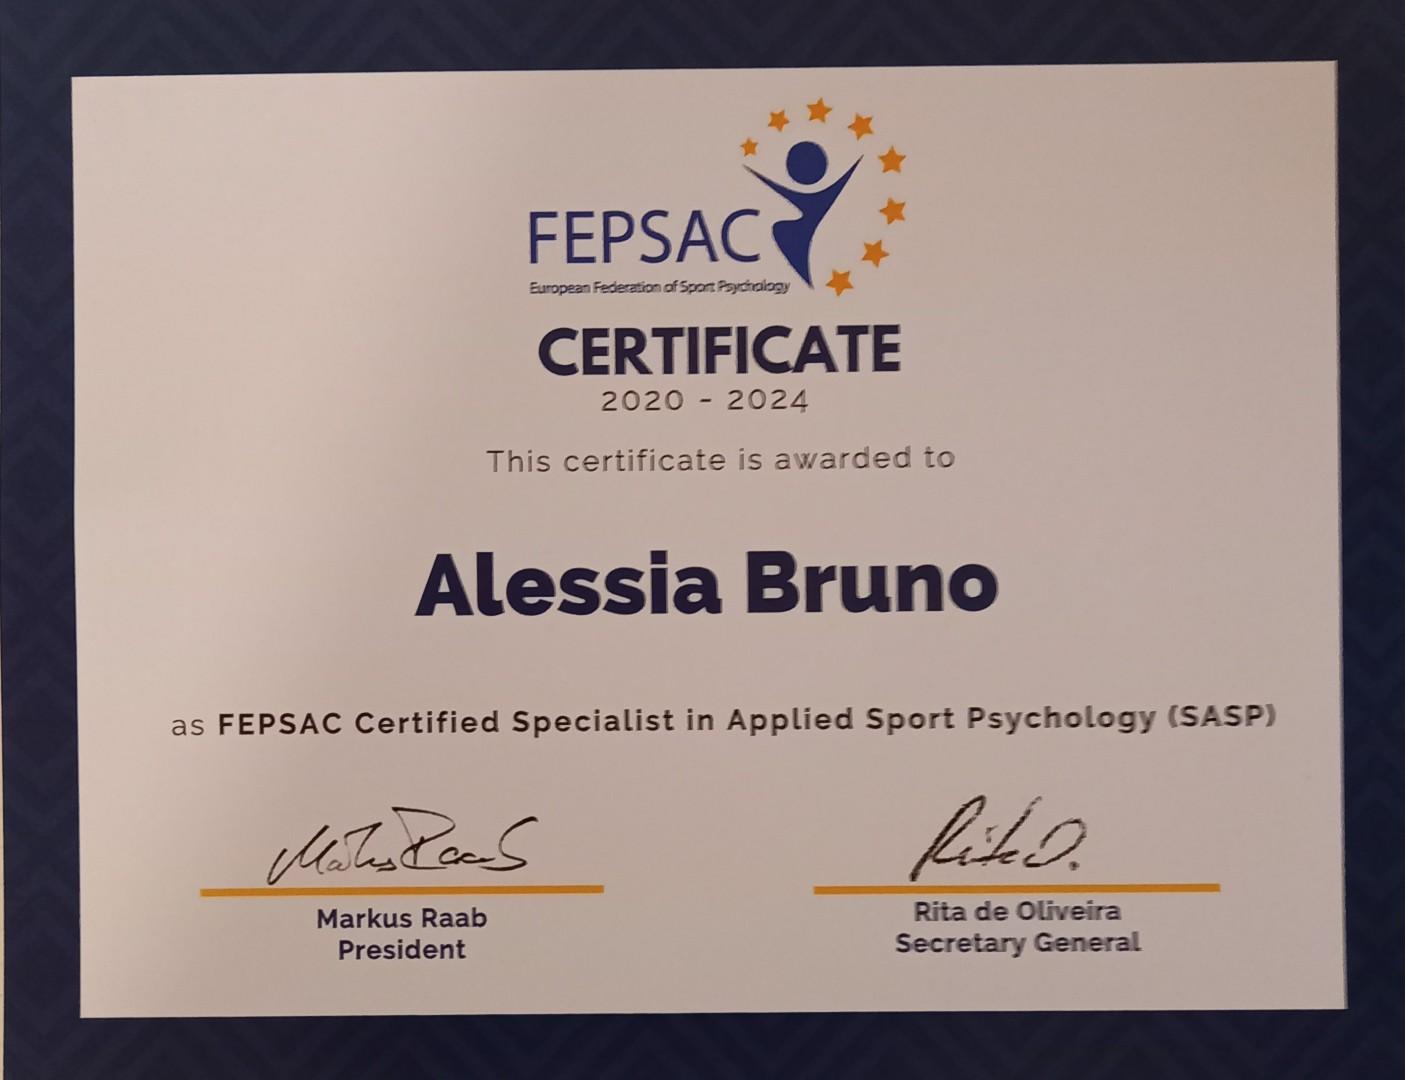 Accreditamento con la Federazione Europea di Psicologia dello Sport Applicata FEPSAC